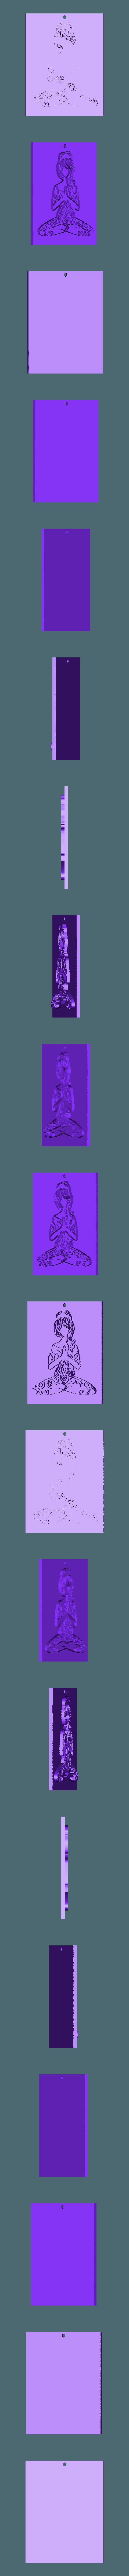 Zen_en Relief.stl Download free STL file Zen • 3D printer model, oasisk